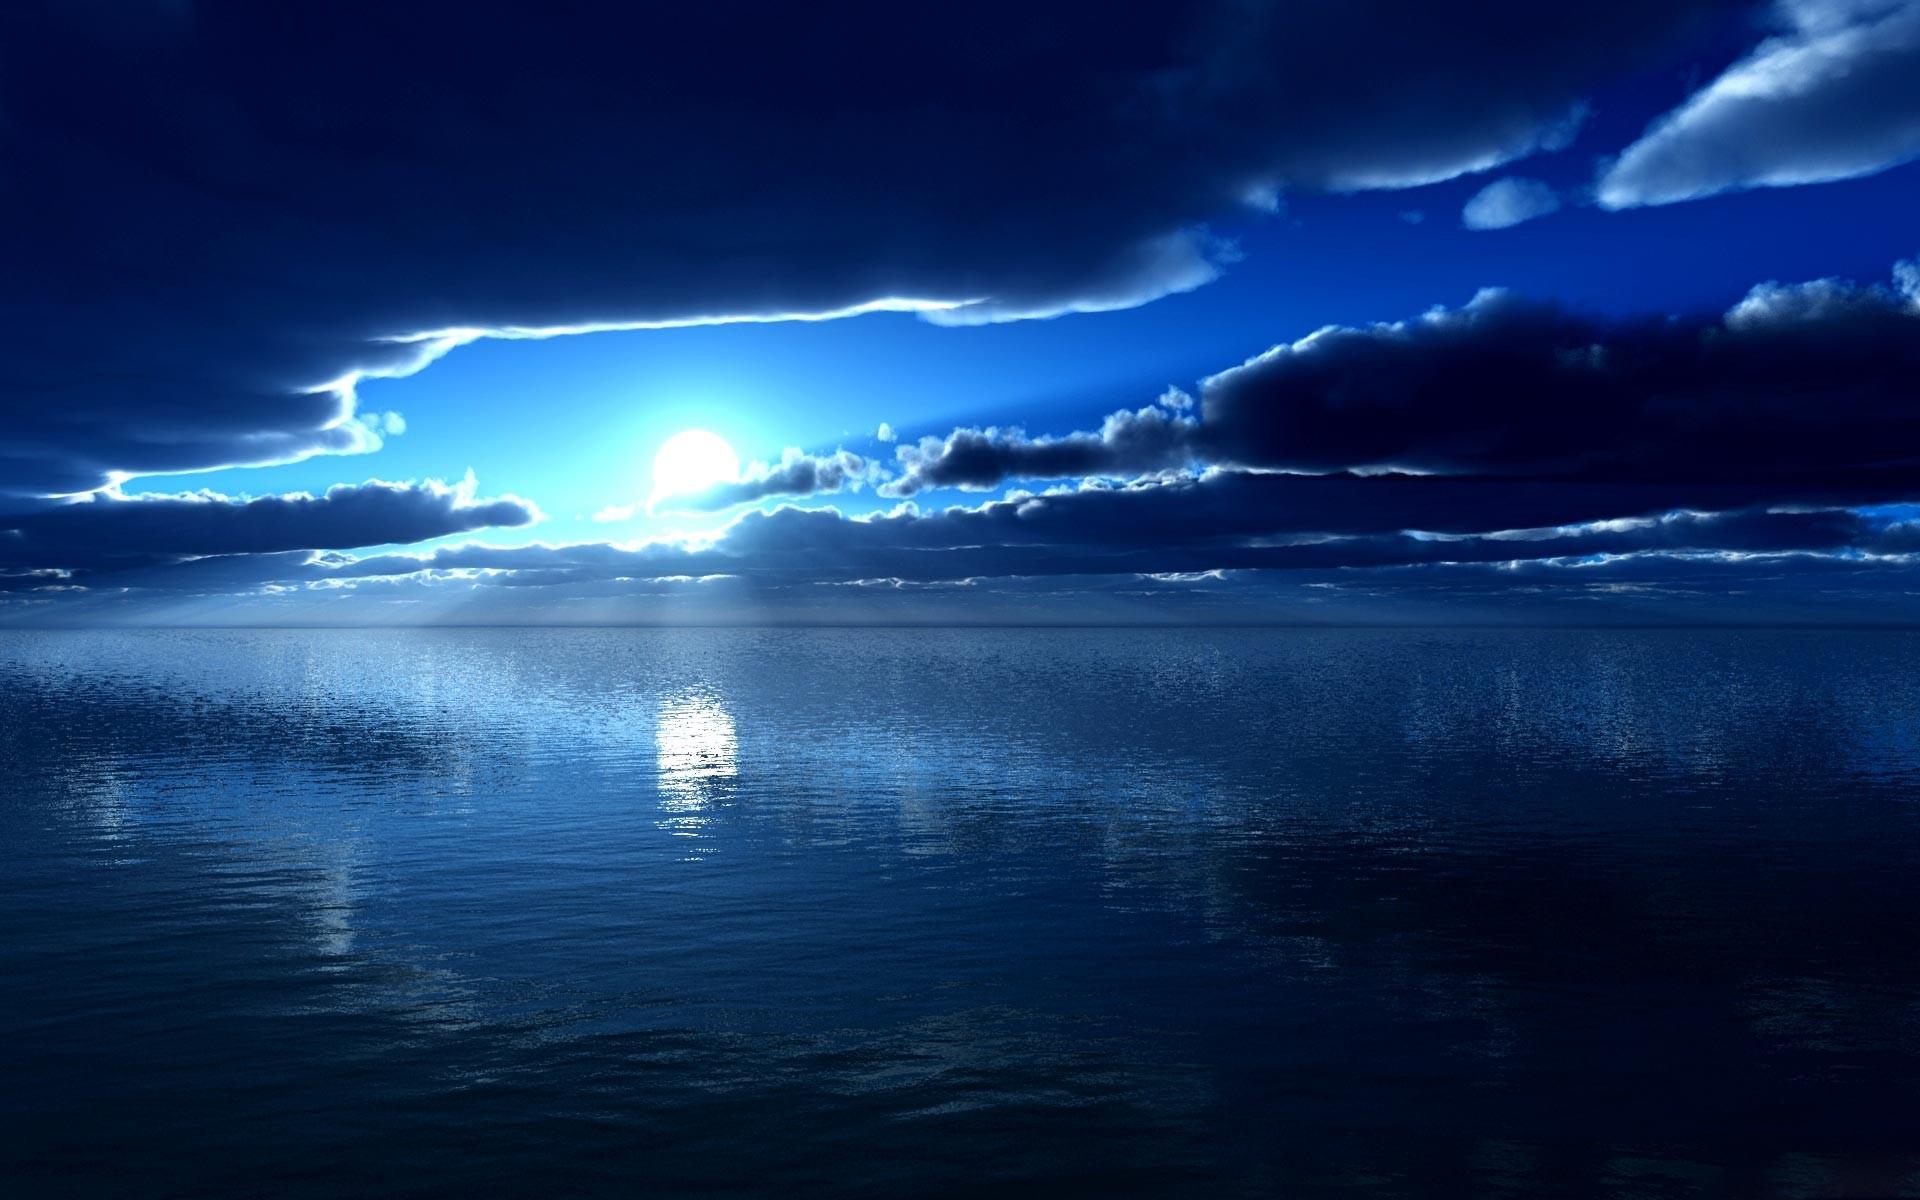 sky picture desktop nexus wallpaper, 1920 x 1200 kB)